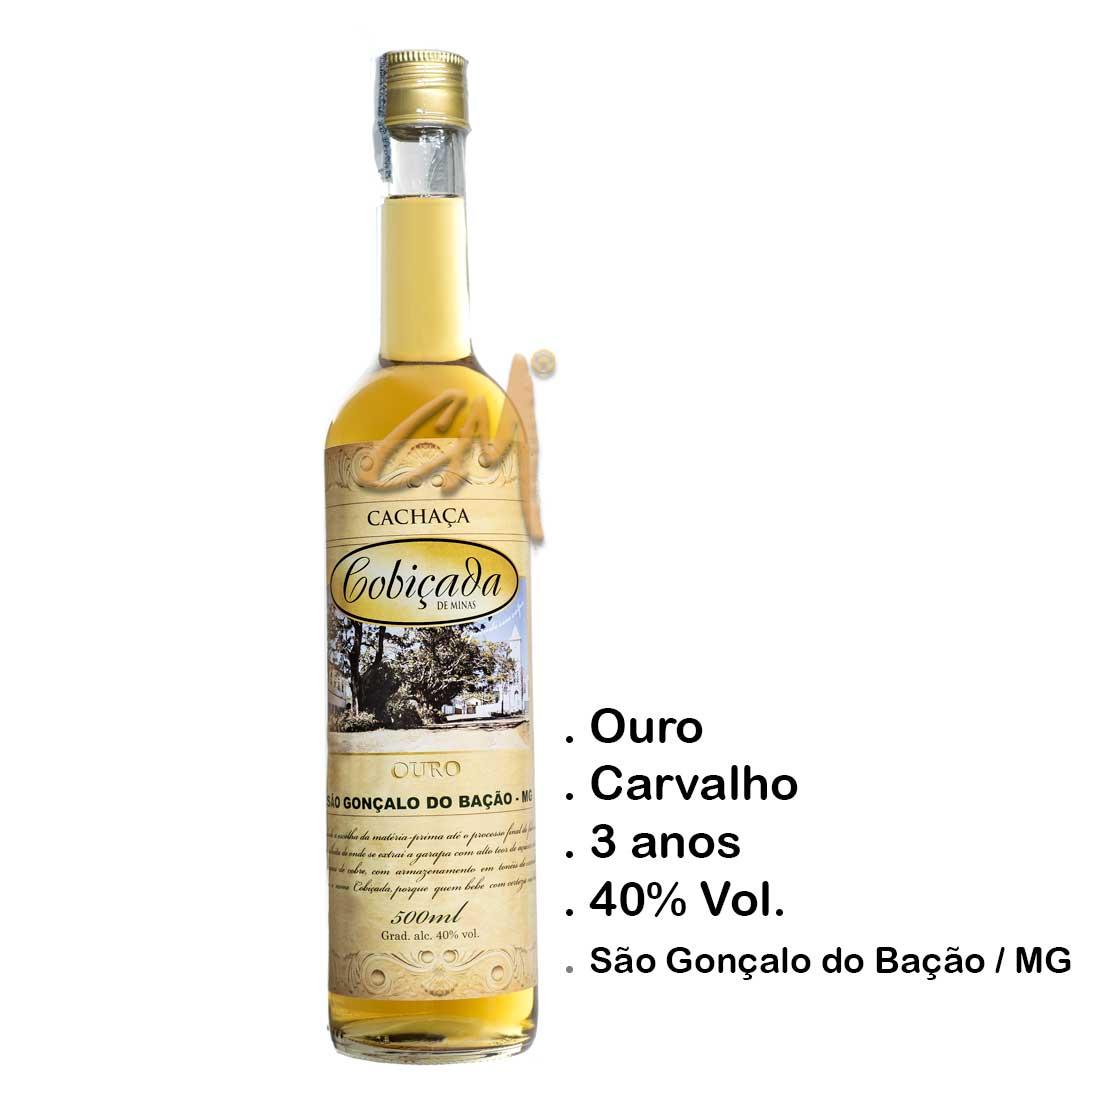 Cachaça Cobiçada Ouro Seduction 500 ml (São Gonçalo do Bação - MG)